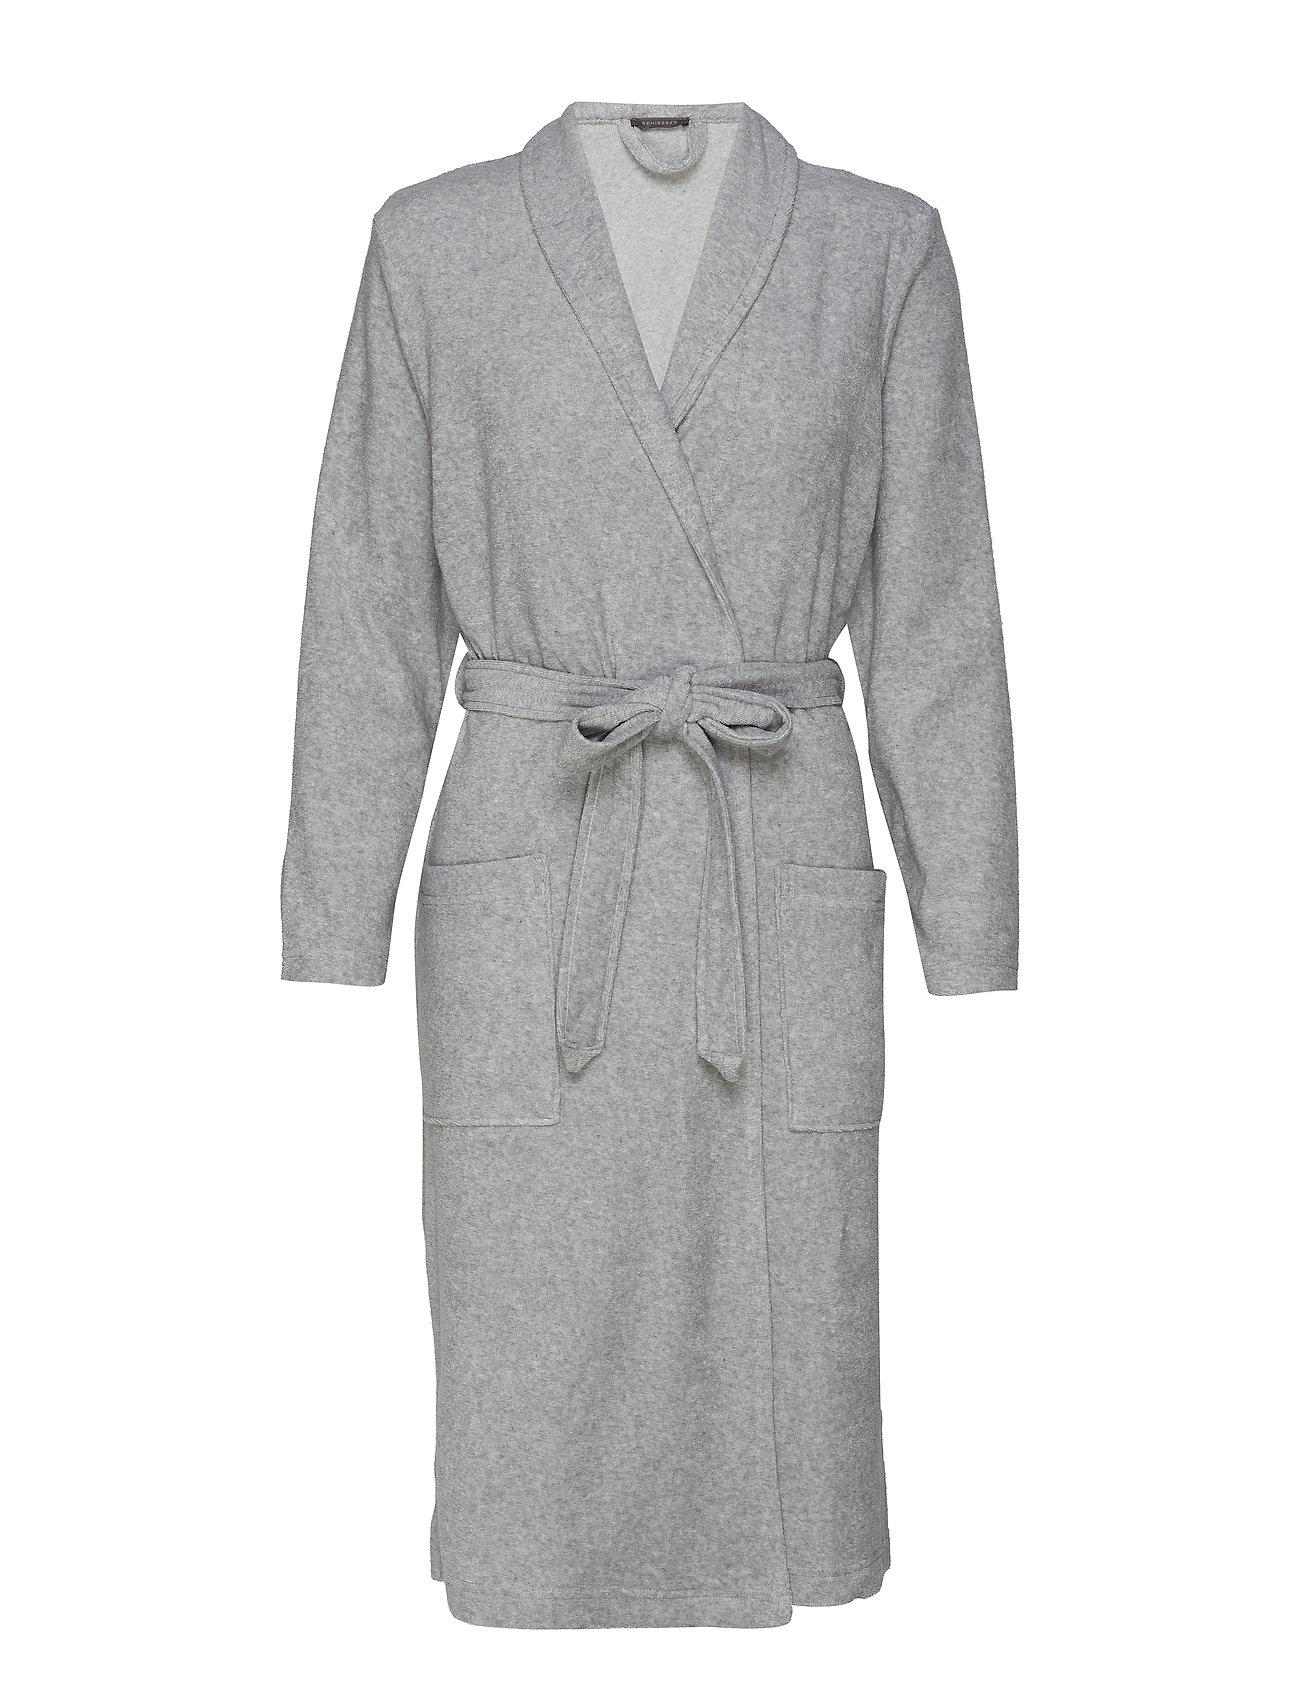 Schiesser Bath Robe - GREY MELANGE